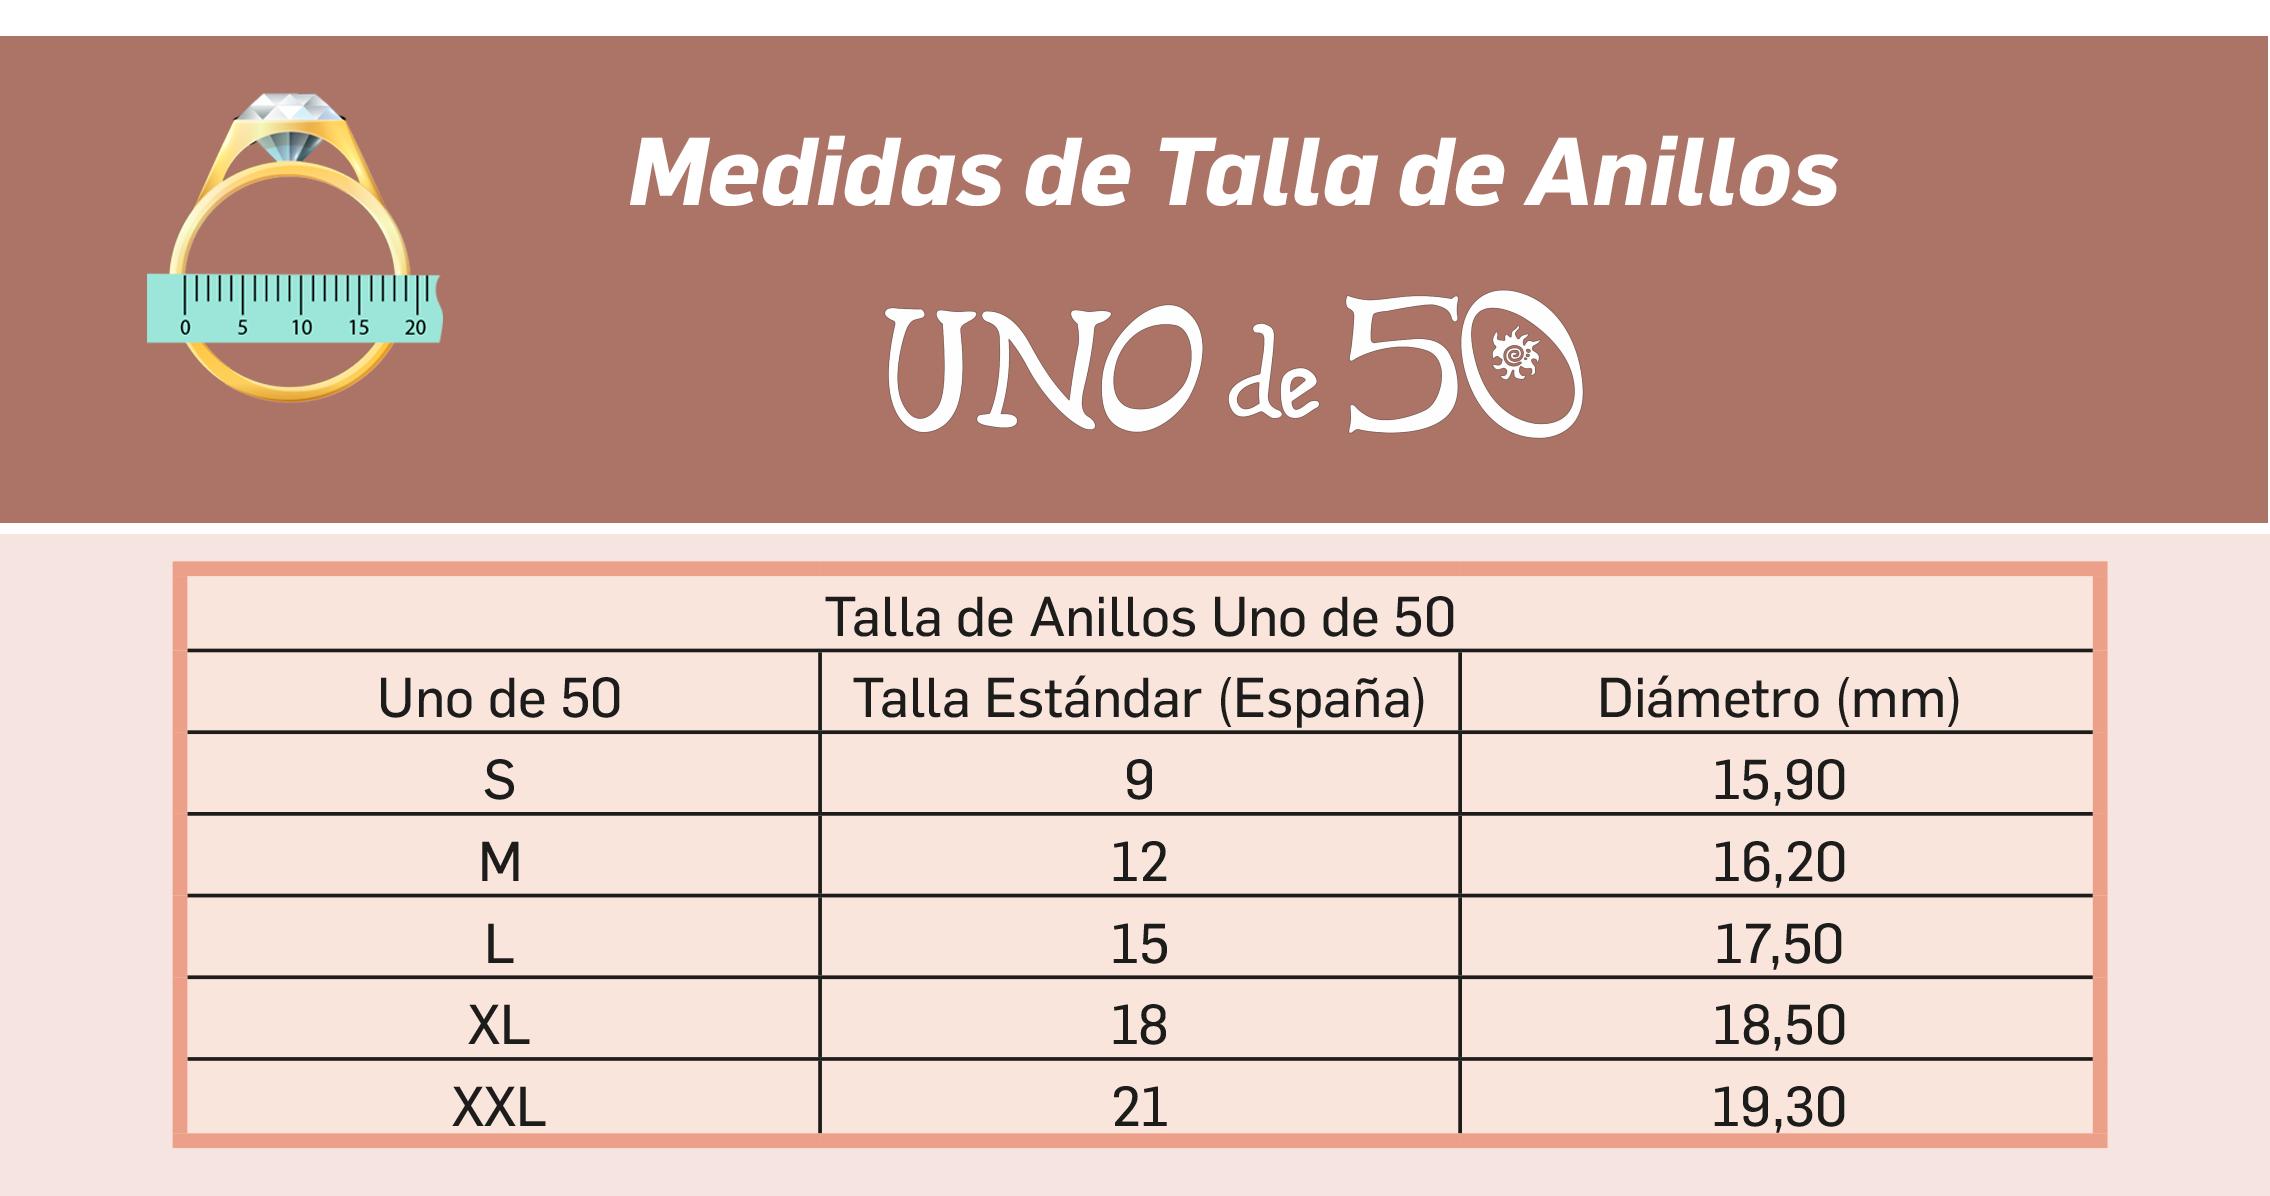 medidas-unode50_1.png